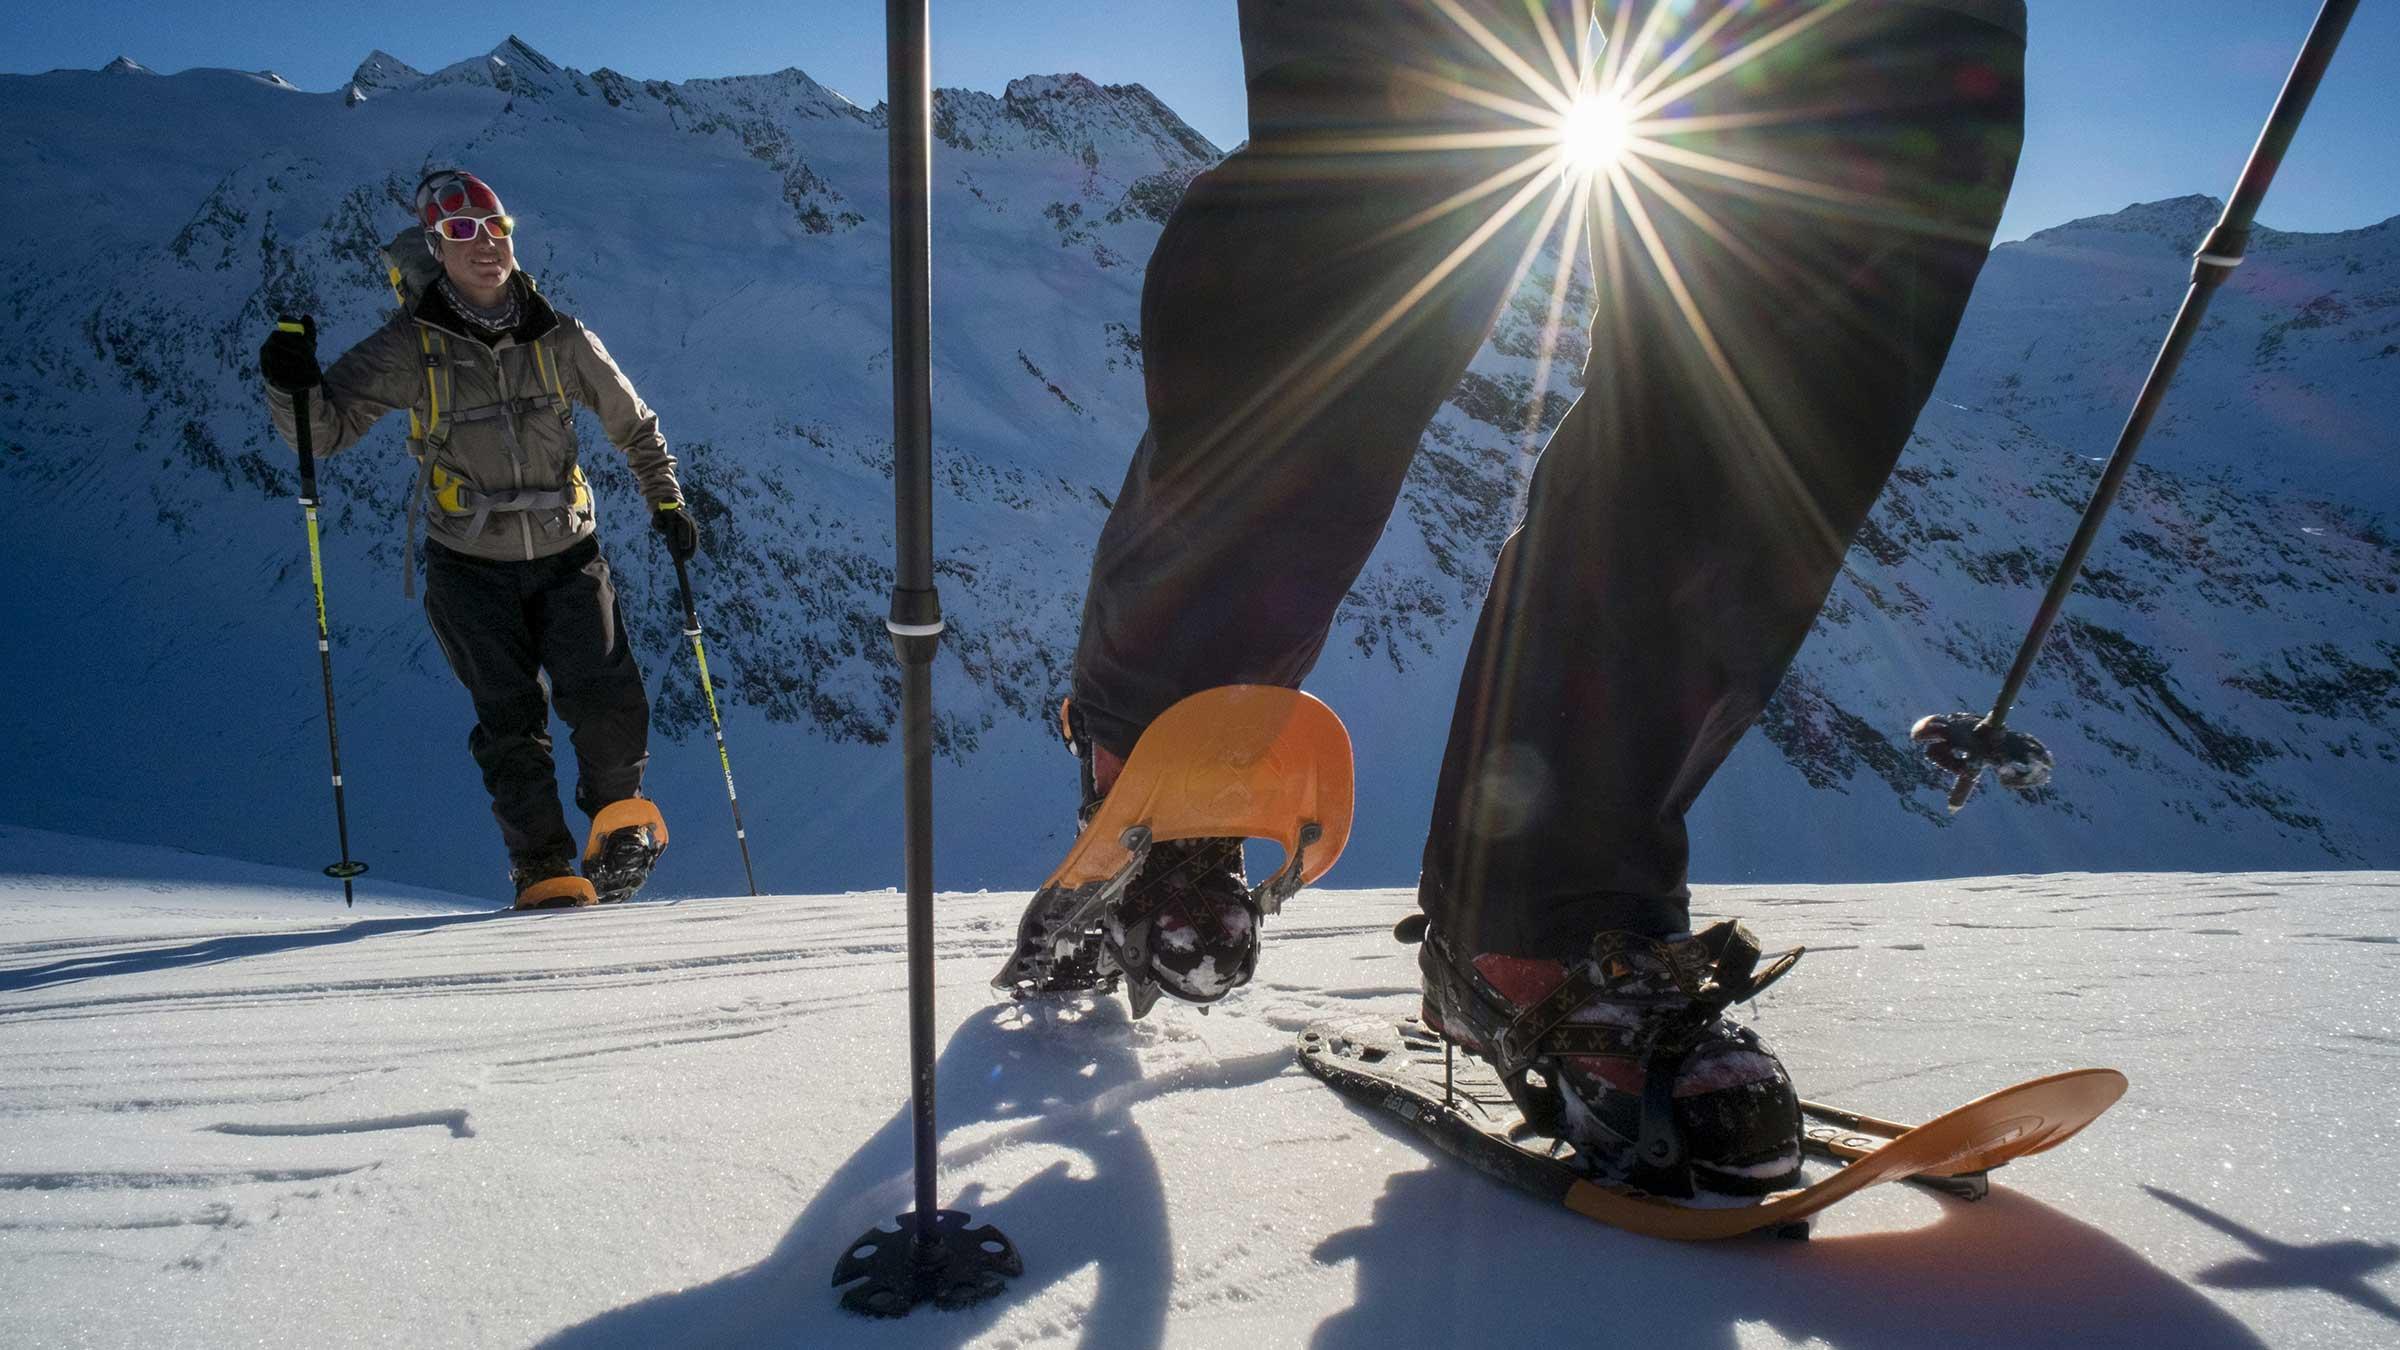 Schneeschuhwanderung - Powder Snow Week Obergurgl-Hochgurgl